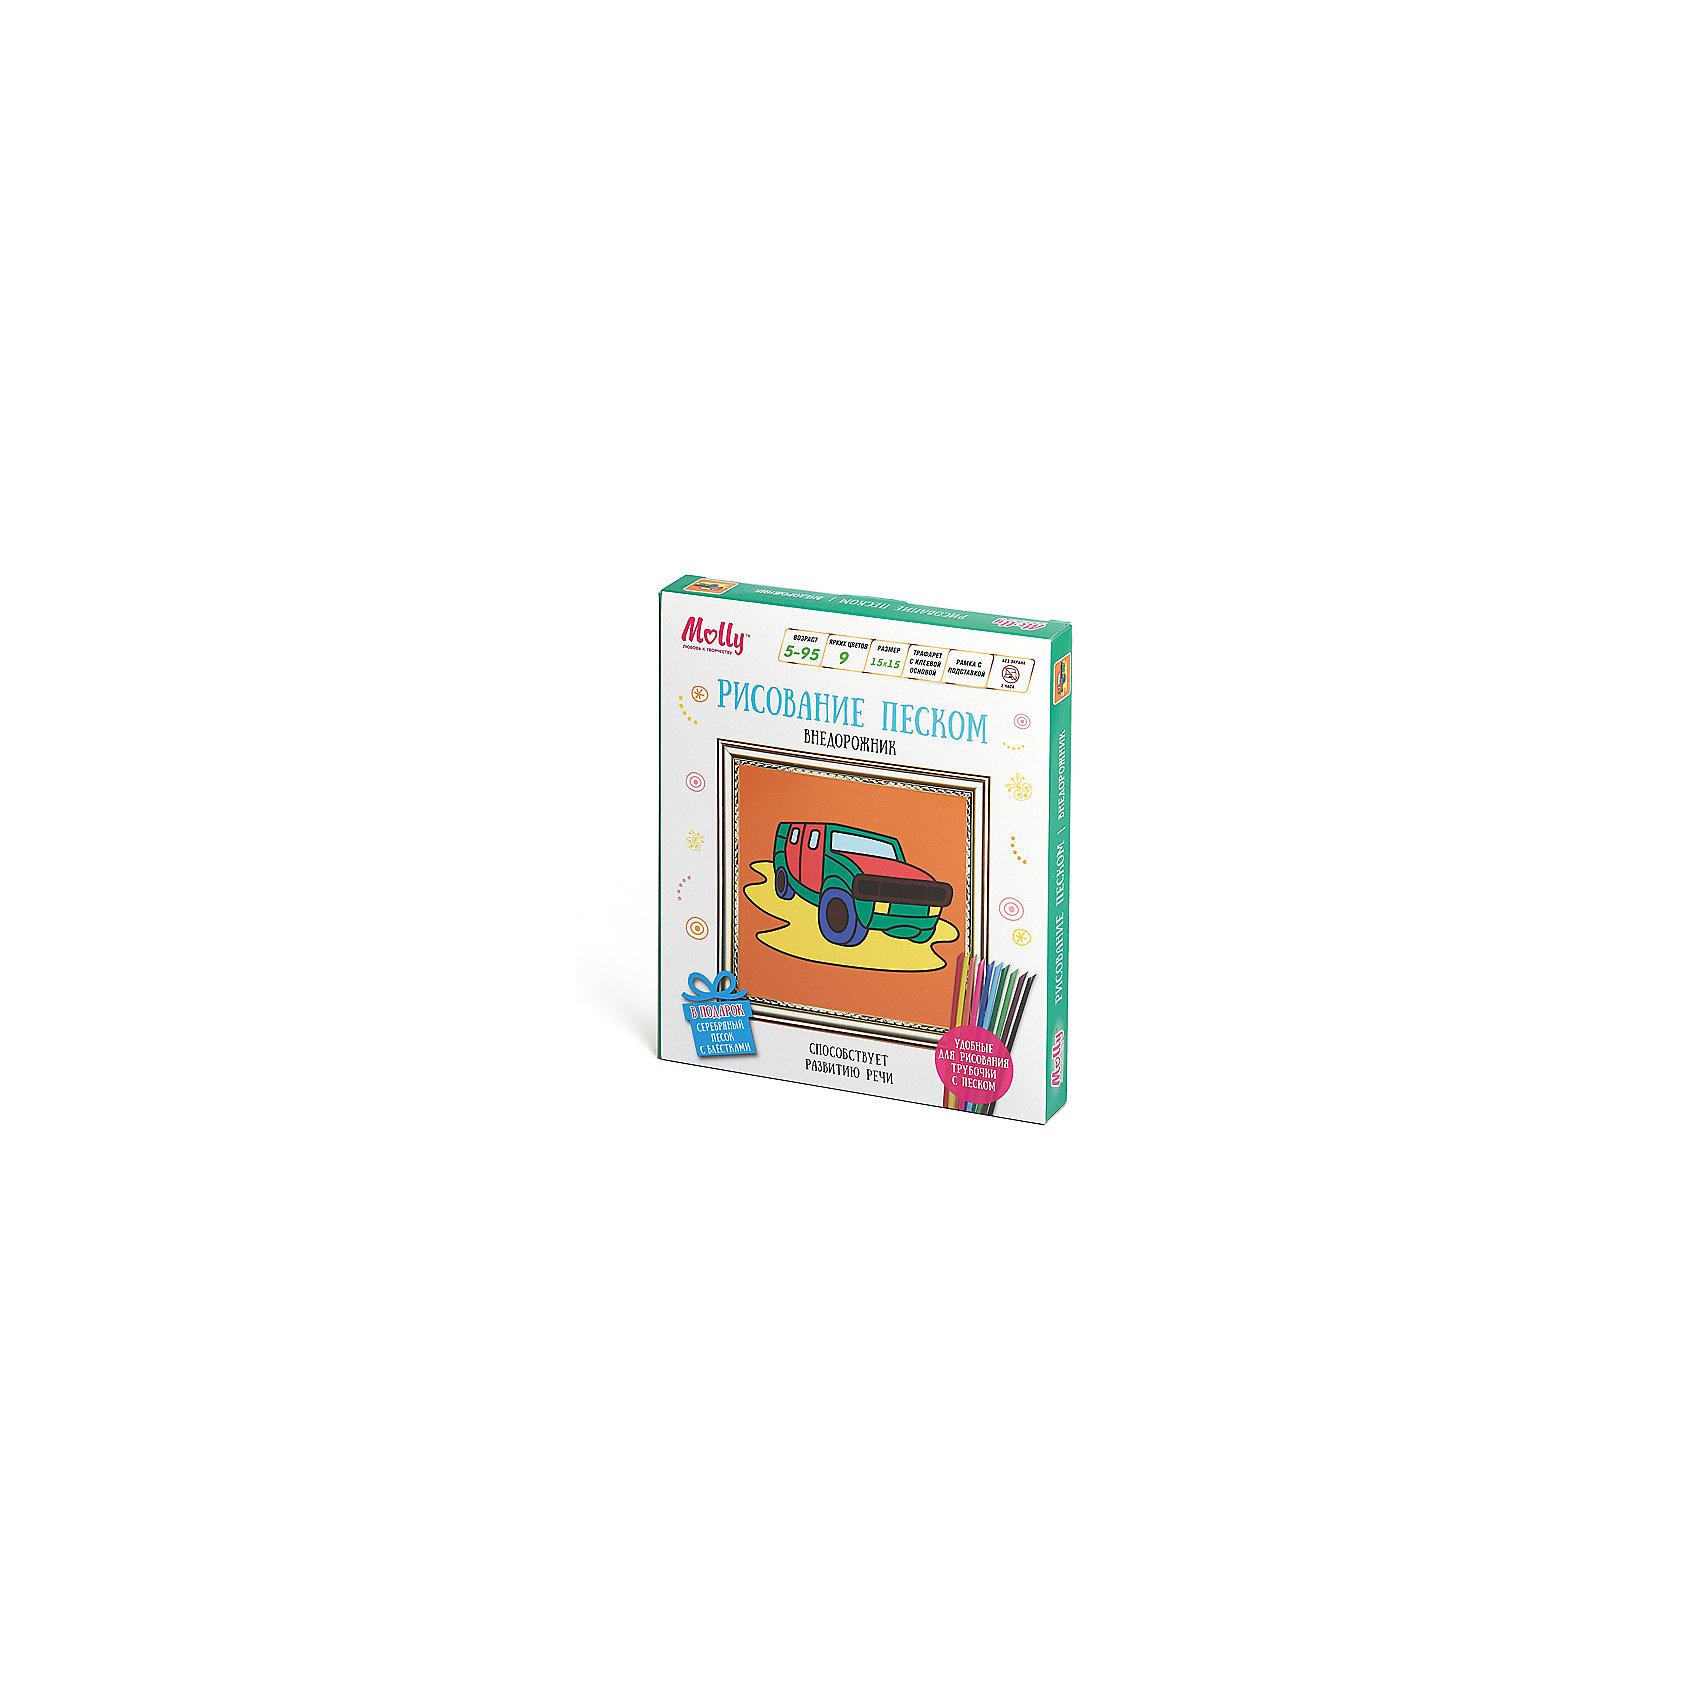 Рисование песком ВнедорожникПесочные картинки<br>Характеристики товара:<br><br>• материал упаковки: картон <br>• в комплект входит: холст с клеевой основой и пластиковой рамкой, трубочки с песком – 9 шт<br>• размер холста: 15х15 см<br>• возраст: от 5 лет<br>• вес: 160 г<br>• габариты упаковки: 18,5х2,5х22 см<br>• страна производитель: Китай<br><br>Рисование песком – интересное и необычное занятие. Новые материалы быстро привлекут внимание ребенка, улучшат его мелкую моторику, аккуратность и творческие способности. В наборе есть все необходимое для творчества и подробная инструкция. Материалы, использованные при изготовлении товаров, проходят проверку на качество и соответствие международным требованиям по безопасности.<br><br>Рисование песком Внедорожник можно купить в нашем интернет-магазине.<br><br>Ширина мм: 185<br>Глубина мм: 25<br>Высота мм: 220<br>Вес г: 160<br>Возраст от месяцев: 60<br>Возраст до месяцев: 2147483647<br>Пол: Мужской<br>Возраст: Детский<br>SKU: 5417600